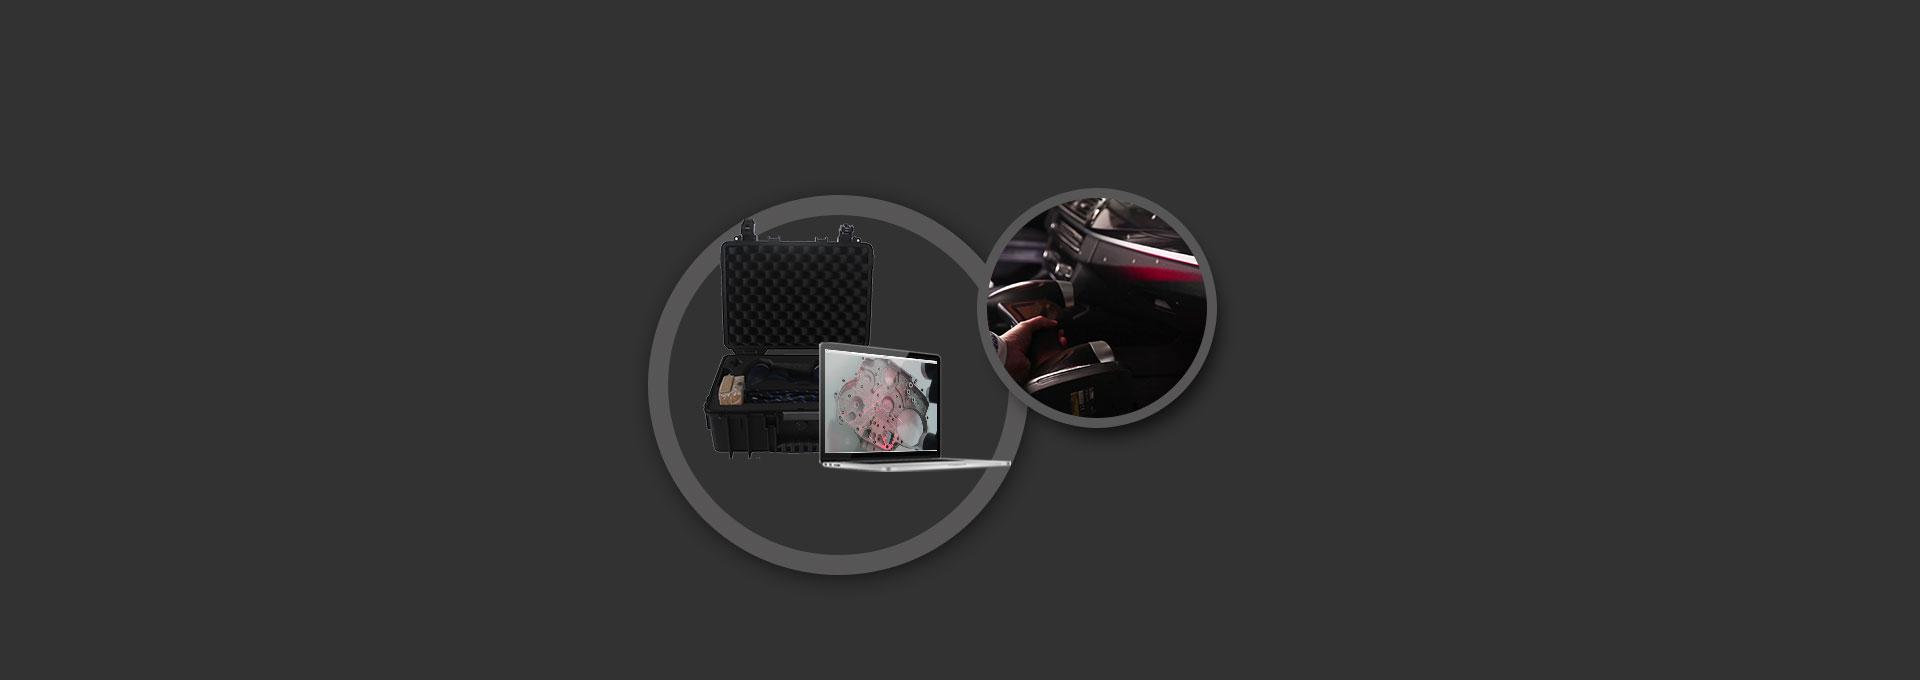 HSCAN331 Handheld 3D Scanner 5